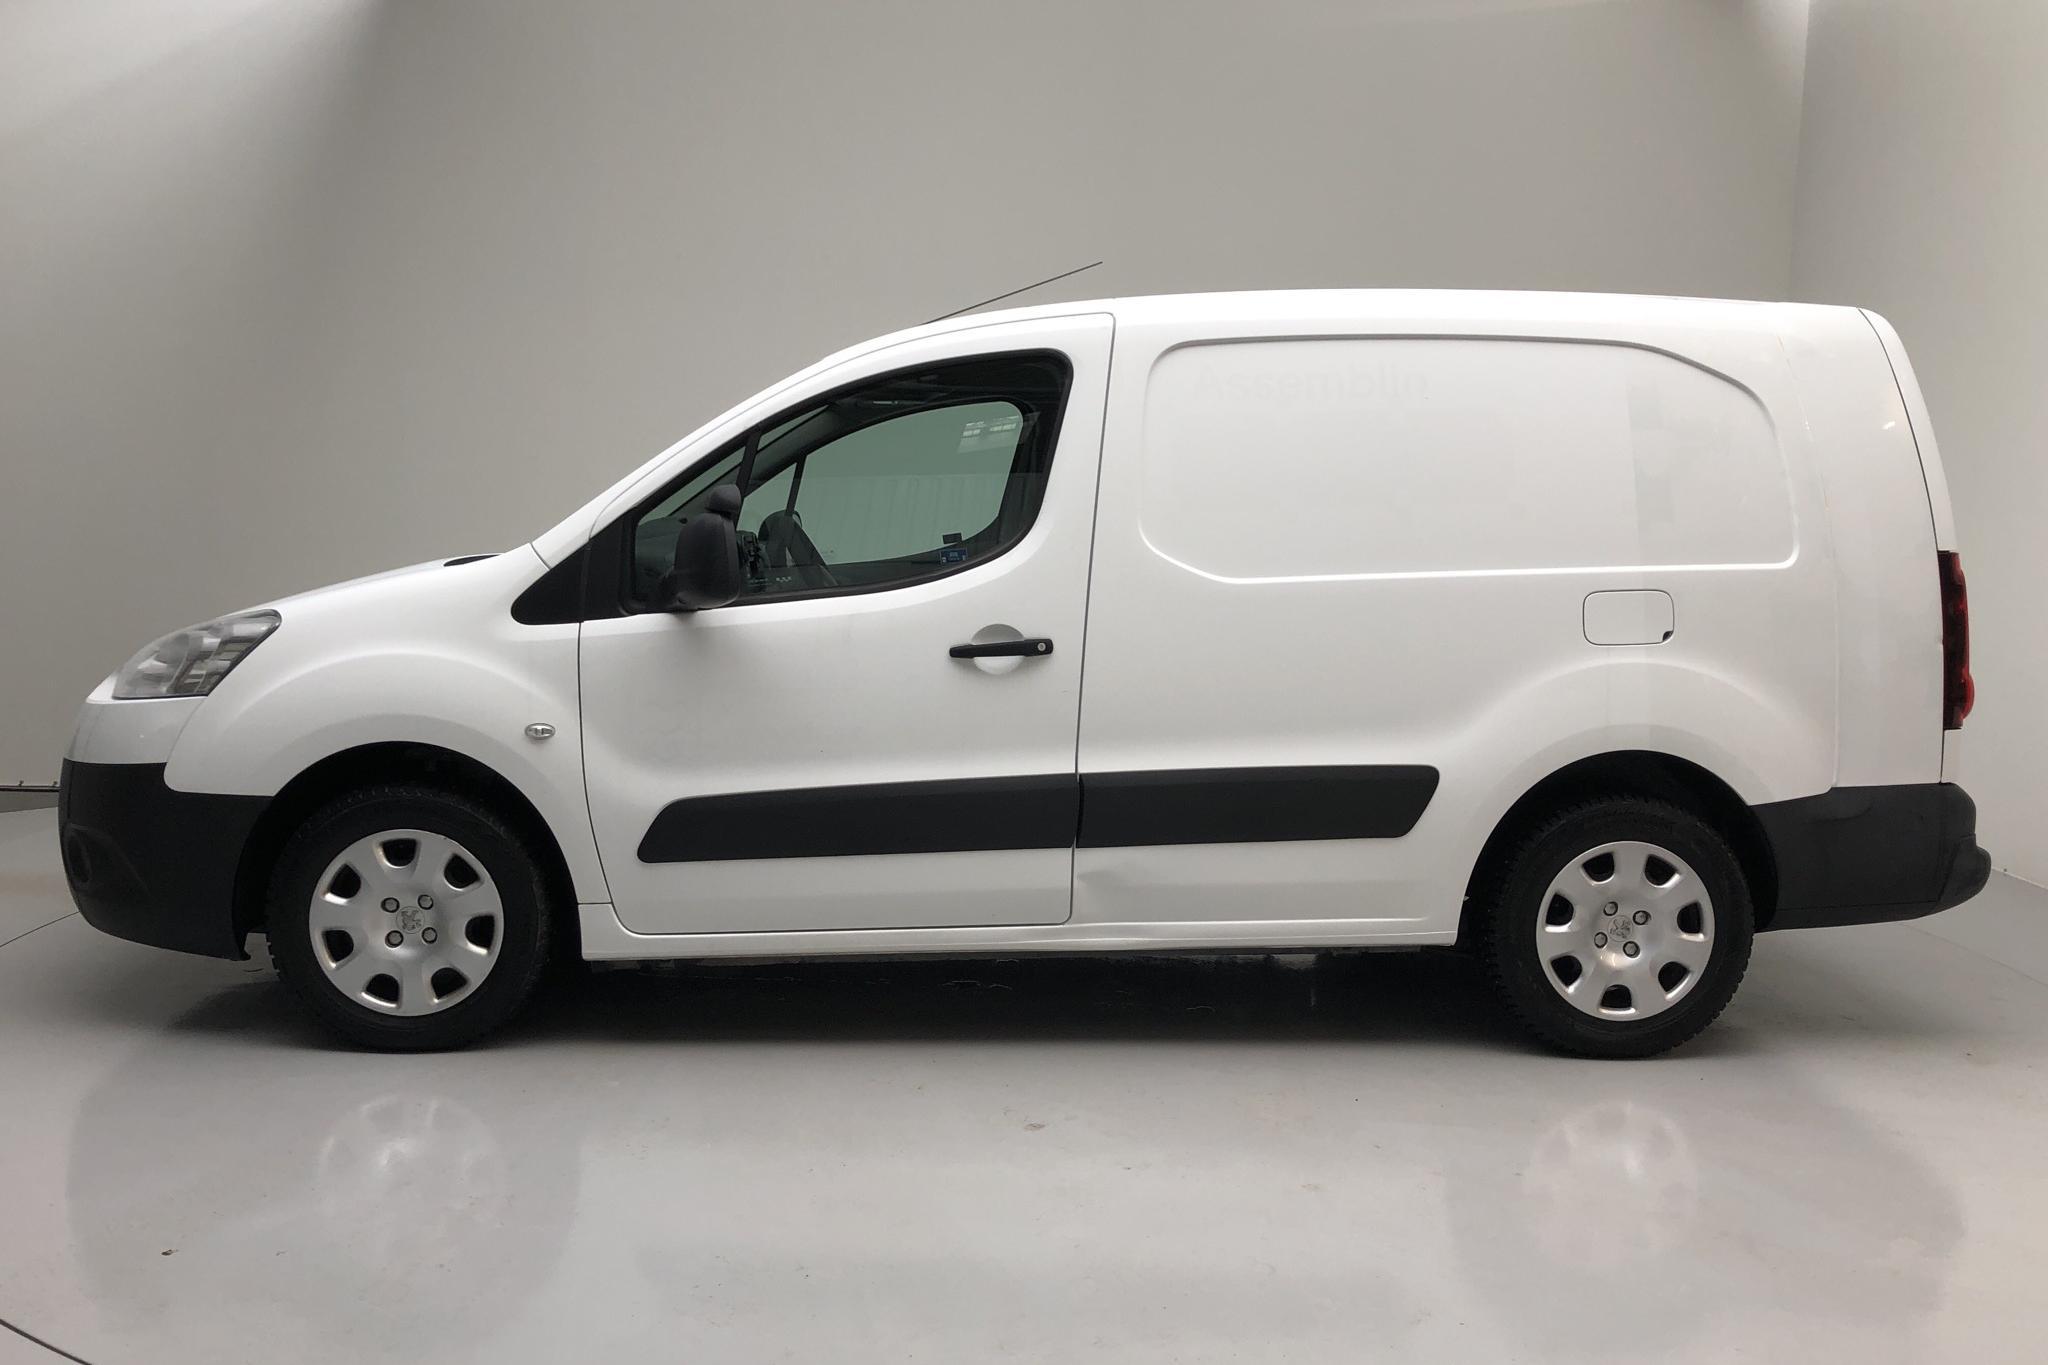 Peugeot Partner 1.6 e-HDI Skåp (90hk) - 11 385 mil - Manuell - vit - 2013